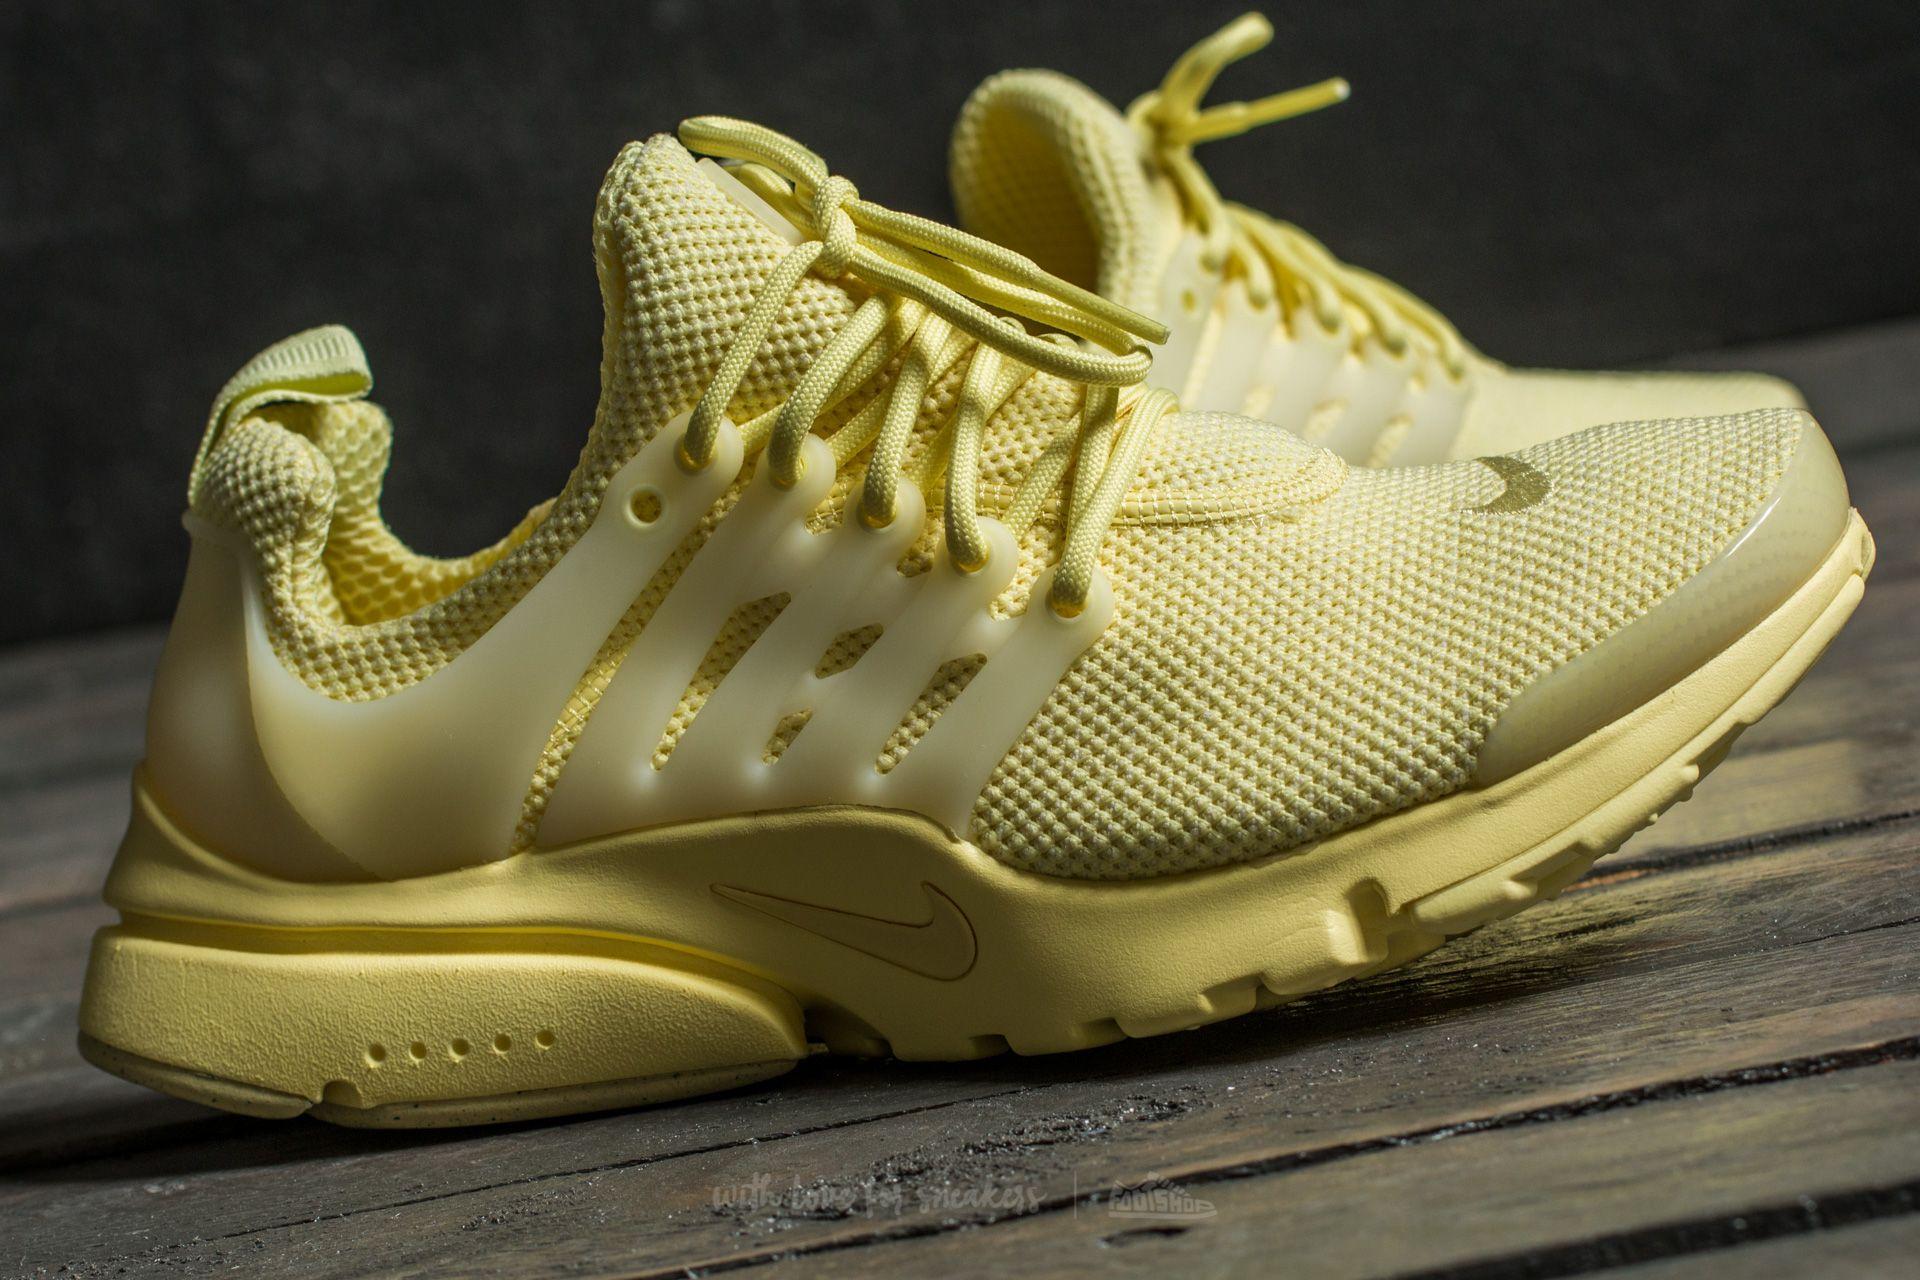 ventas especiales Tienda online duradero en uso Nike Air Presto Ultra BR Lemon Chiffon/ Lemon Chiffon | Footshop